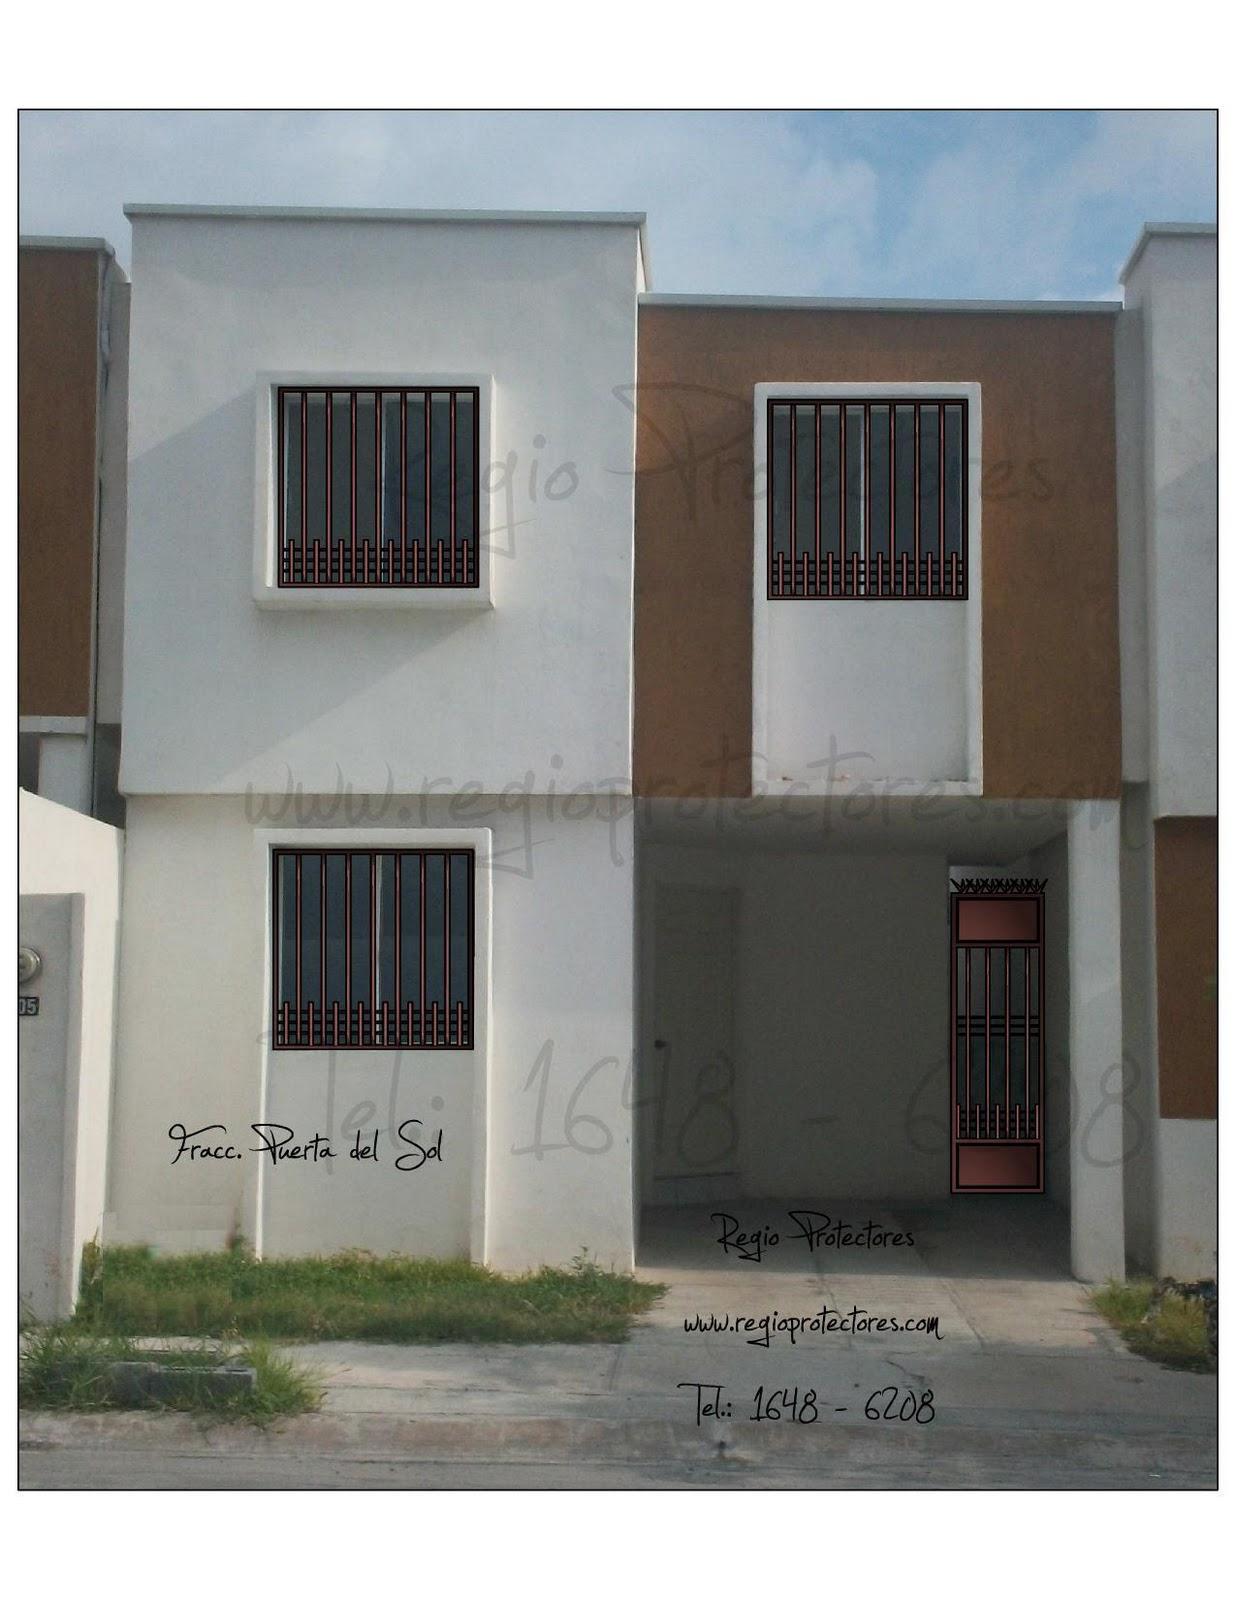 Puertas y ventanas blindadas para mayor seguridad ideas - Puertas de seguridad para casas ...